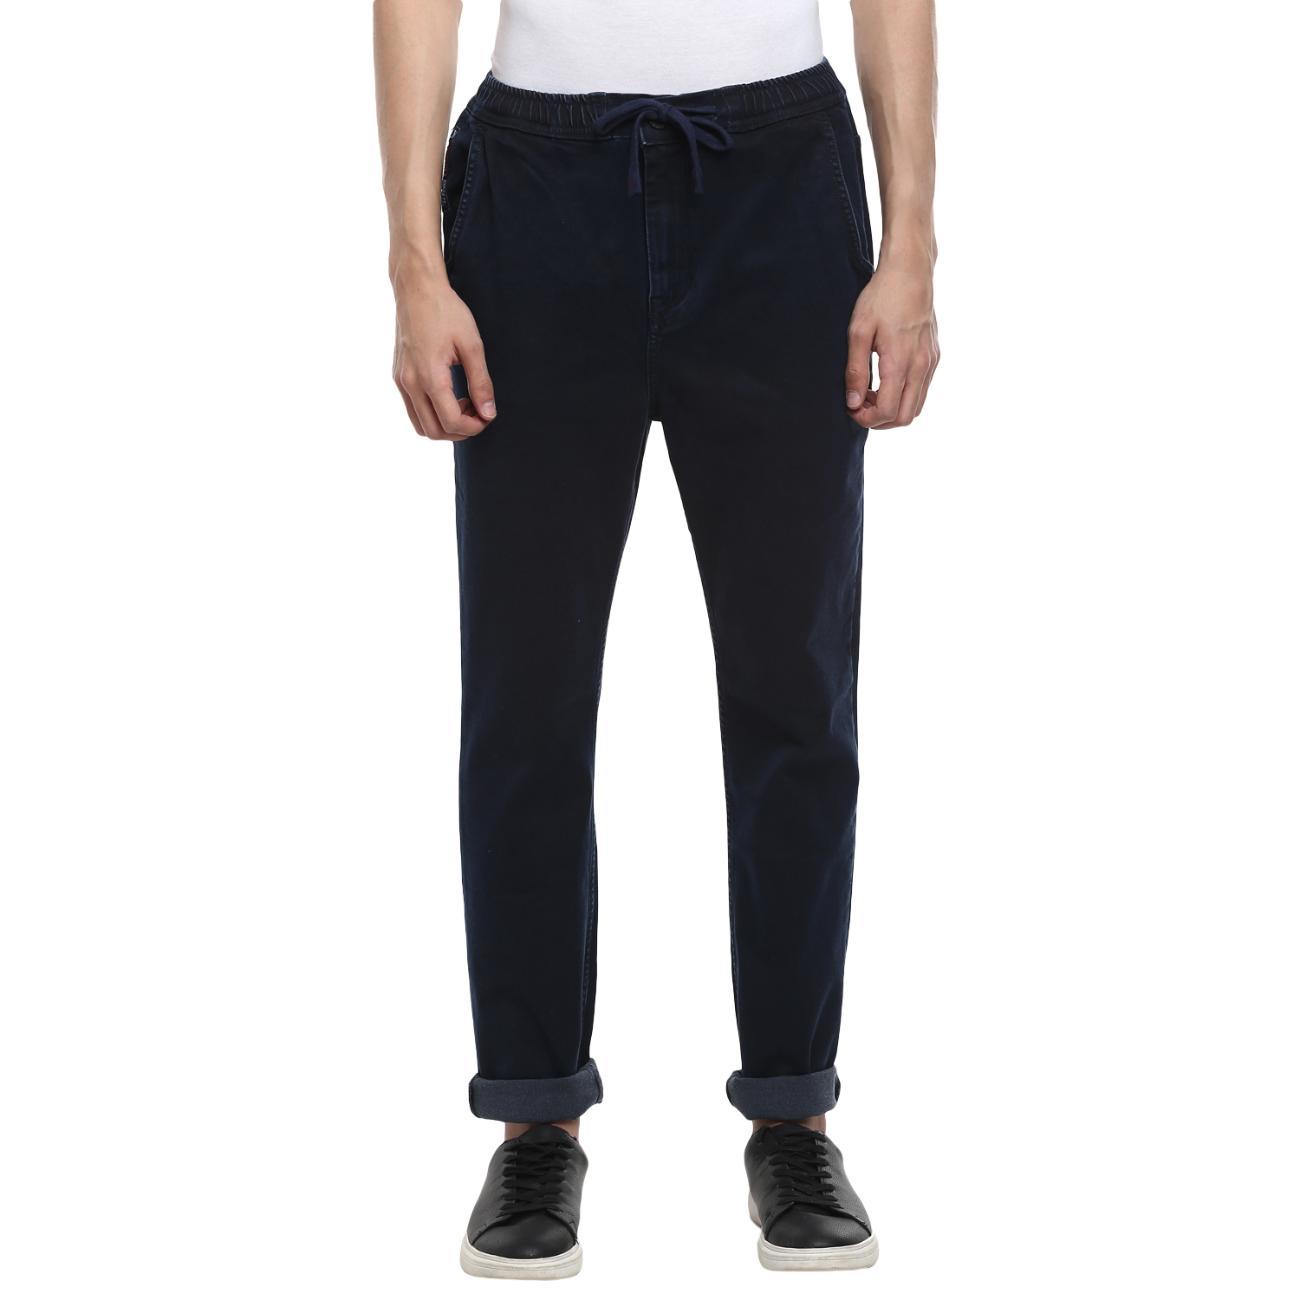 Buy Blue Narrow Jeans For Men